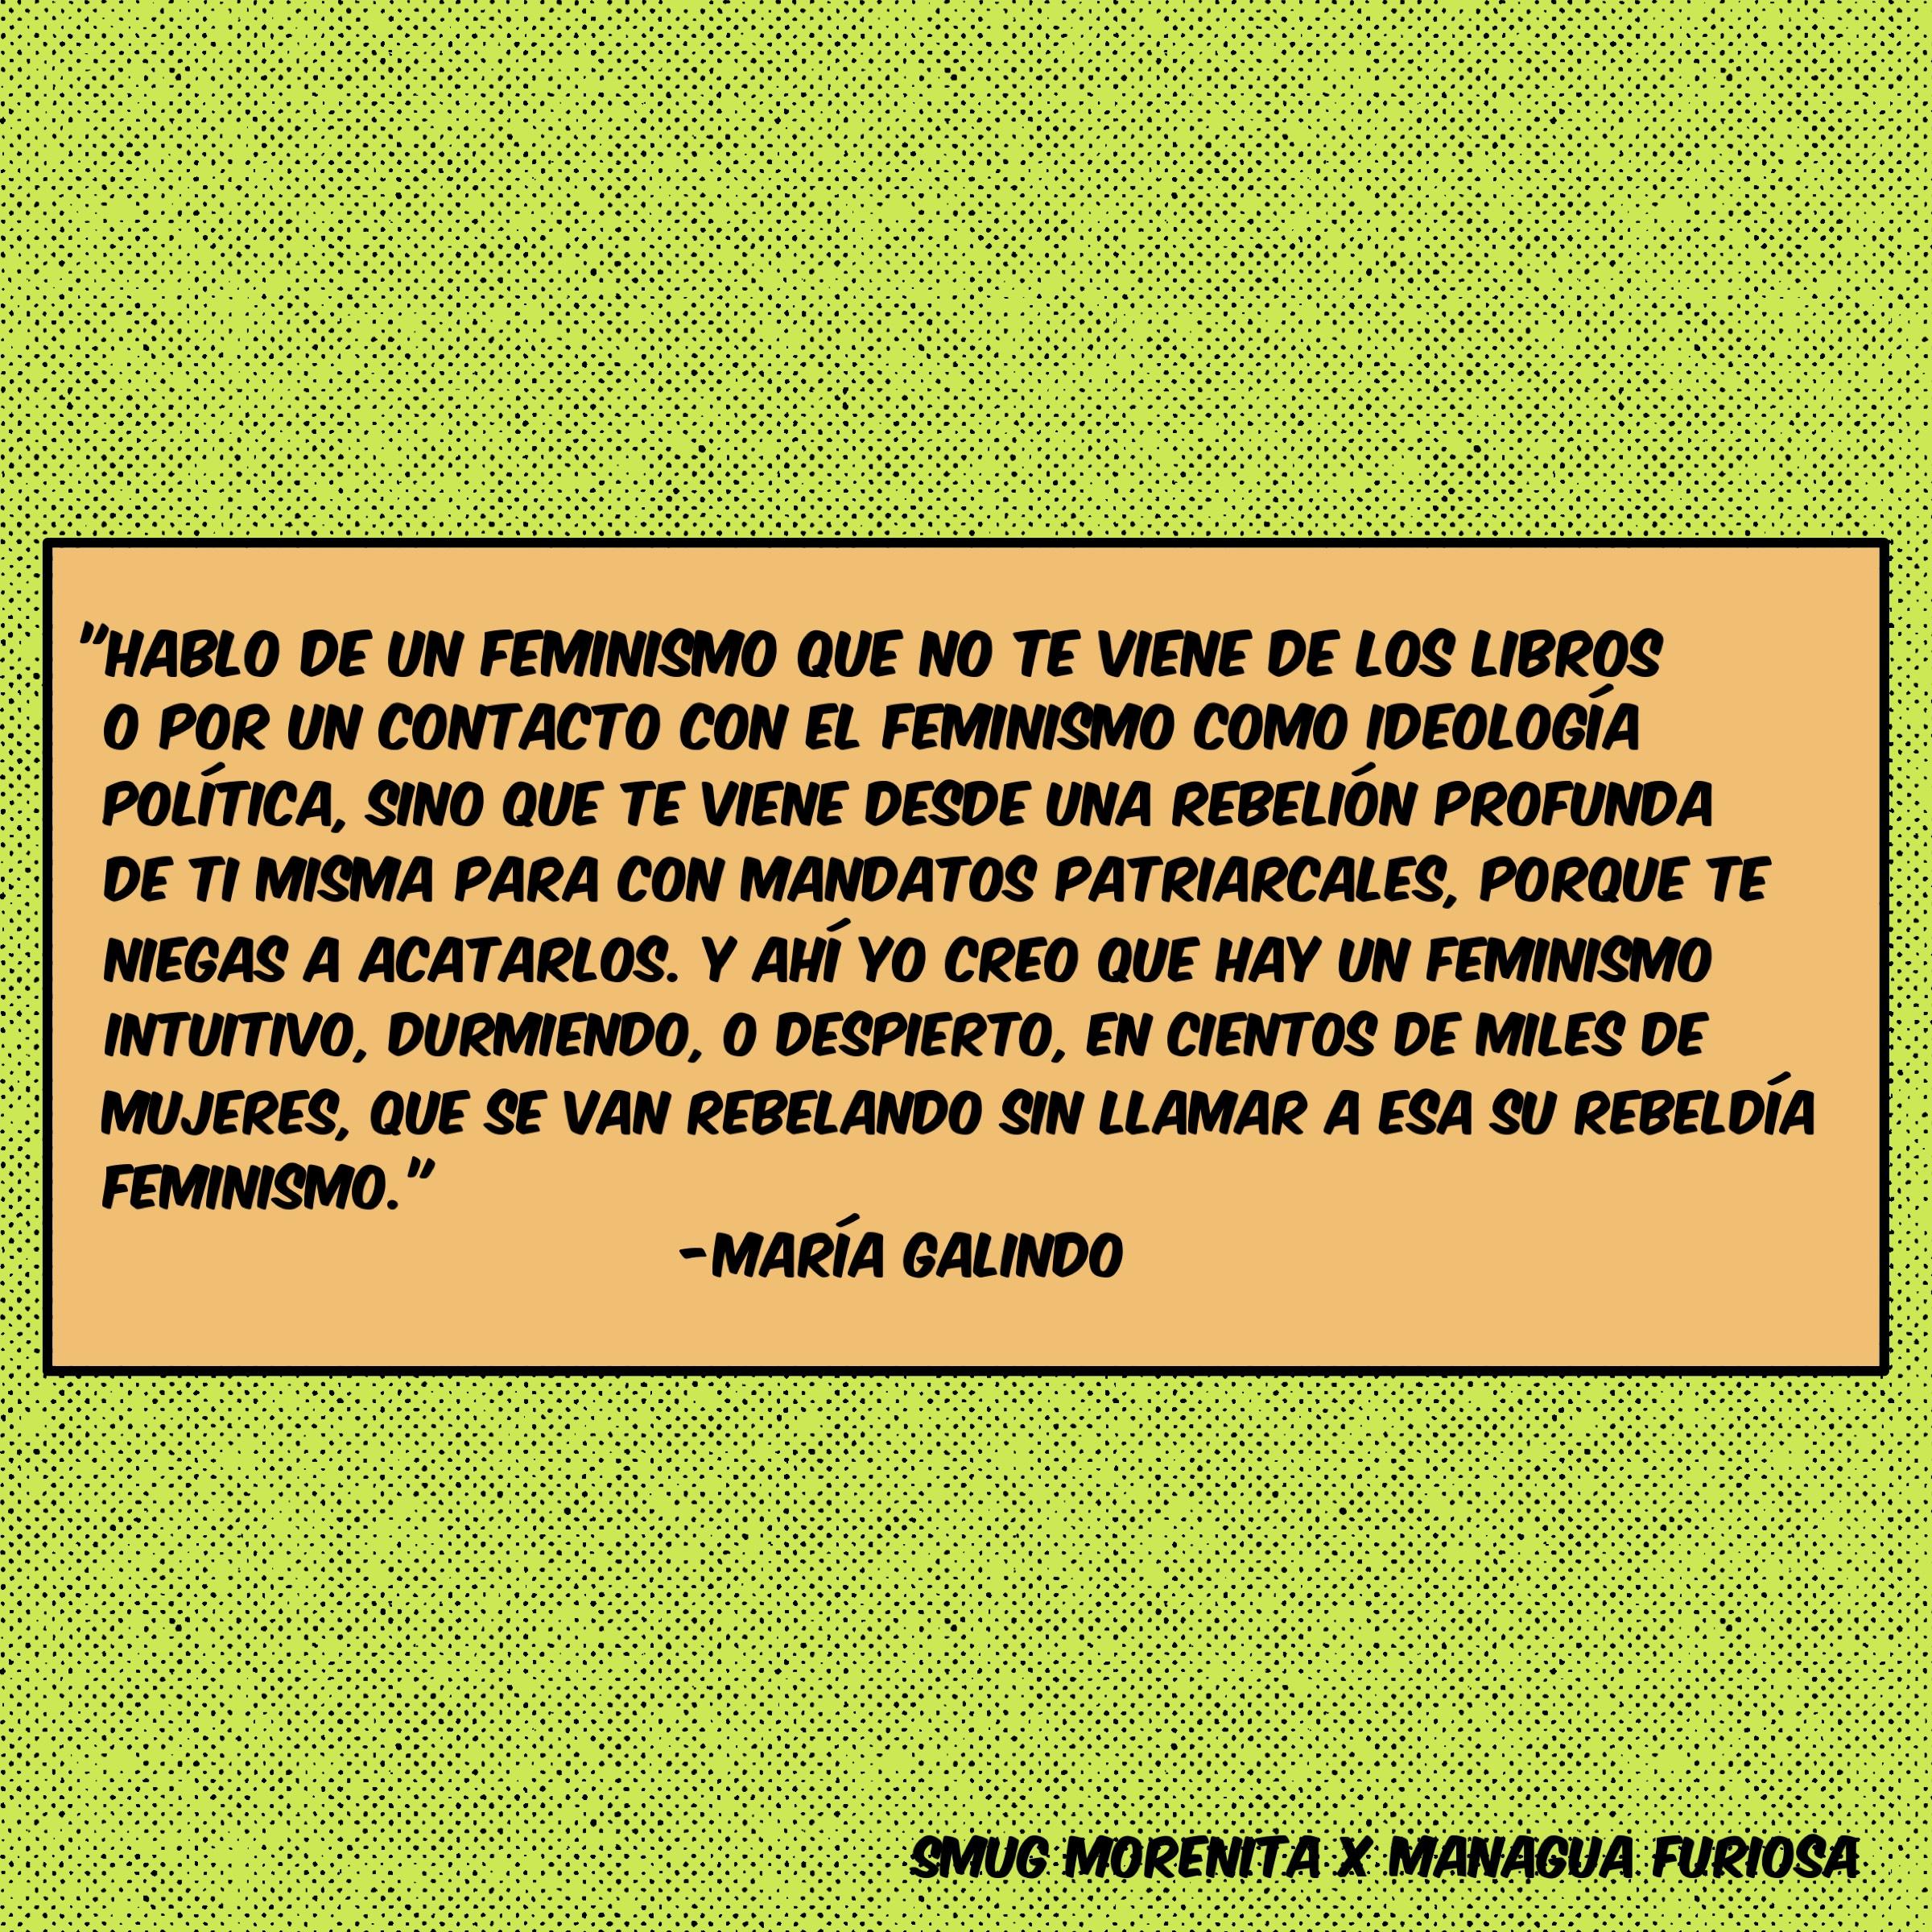 María Galindo Quote - Web Image .jpg